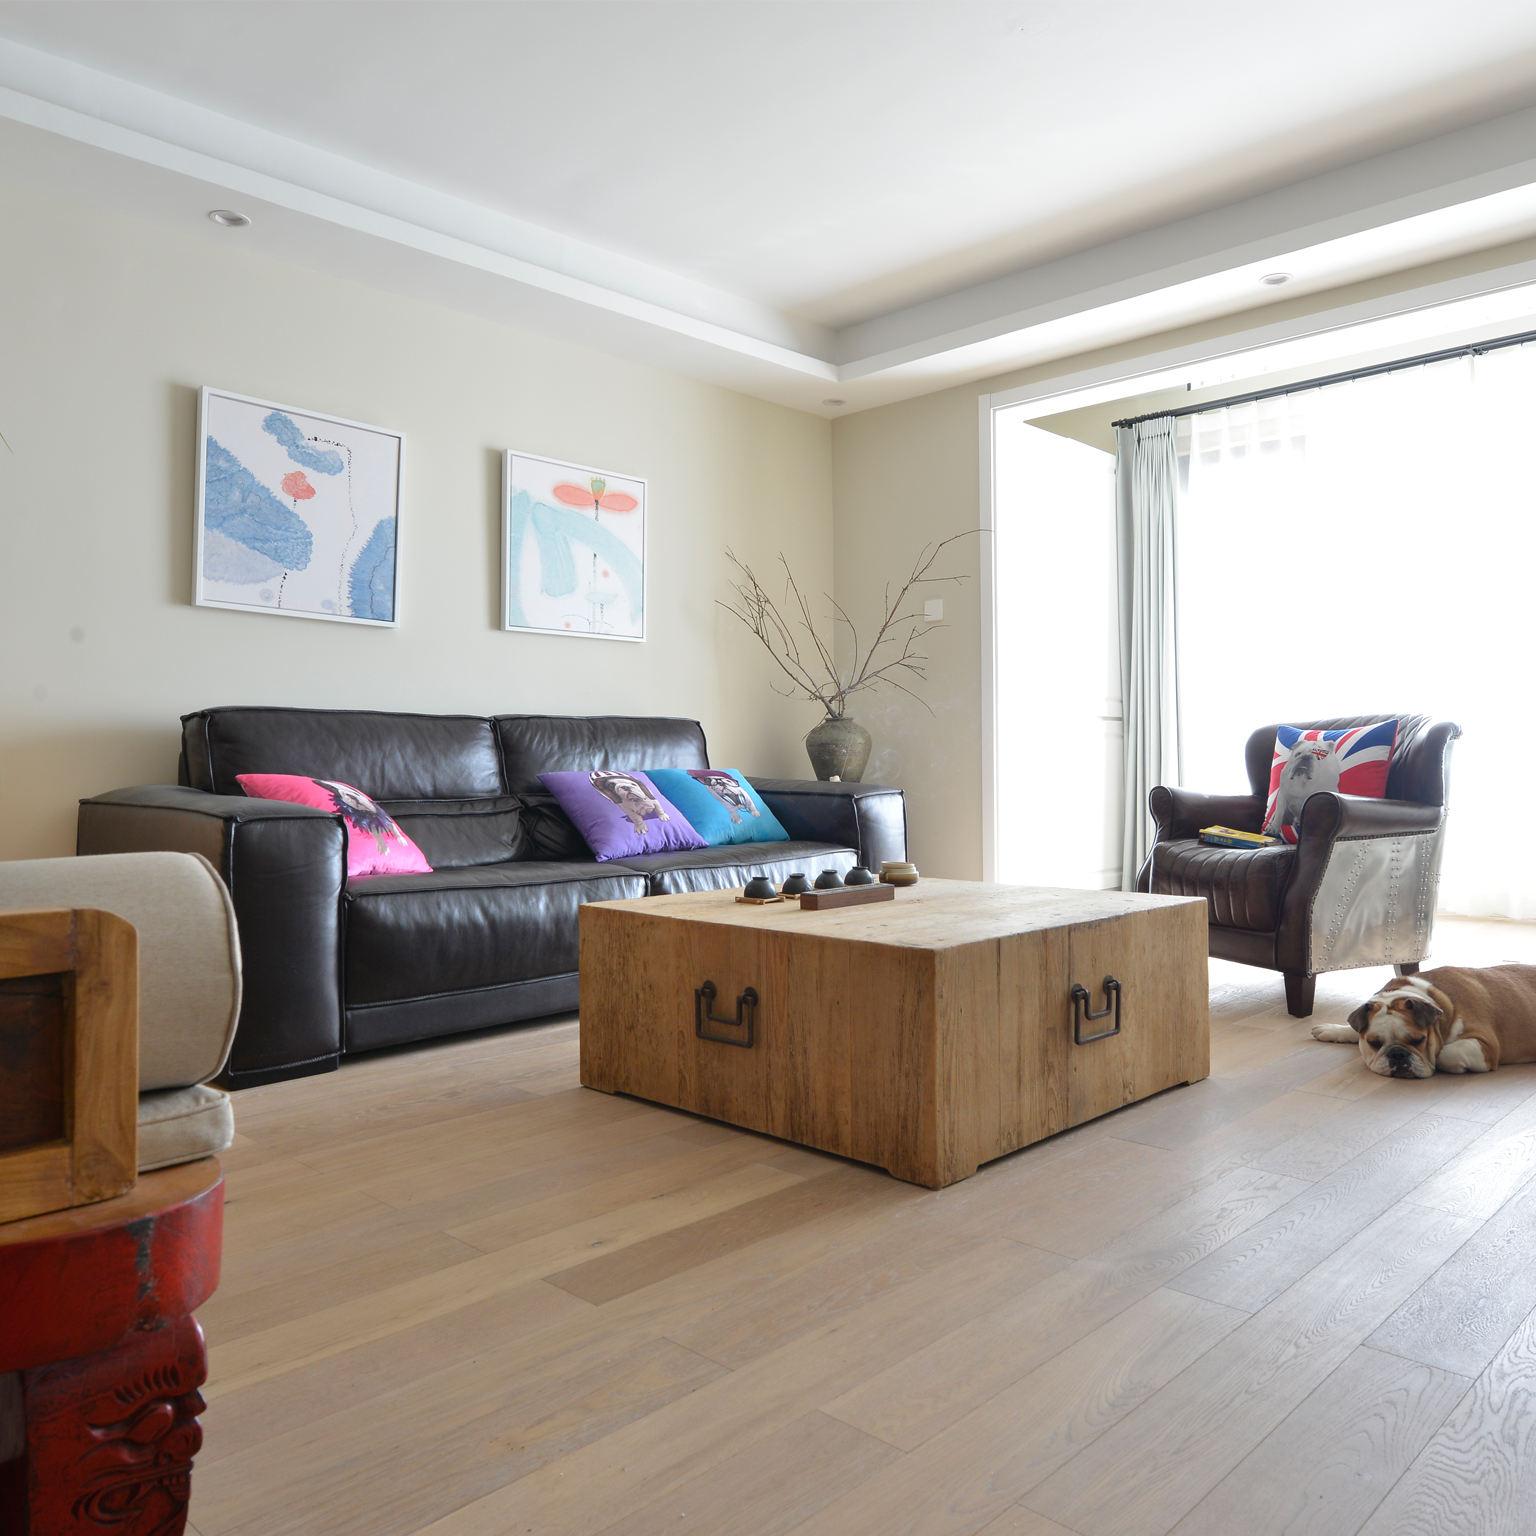 现代简中式混搭 客厅沙发效果图